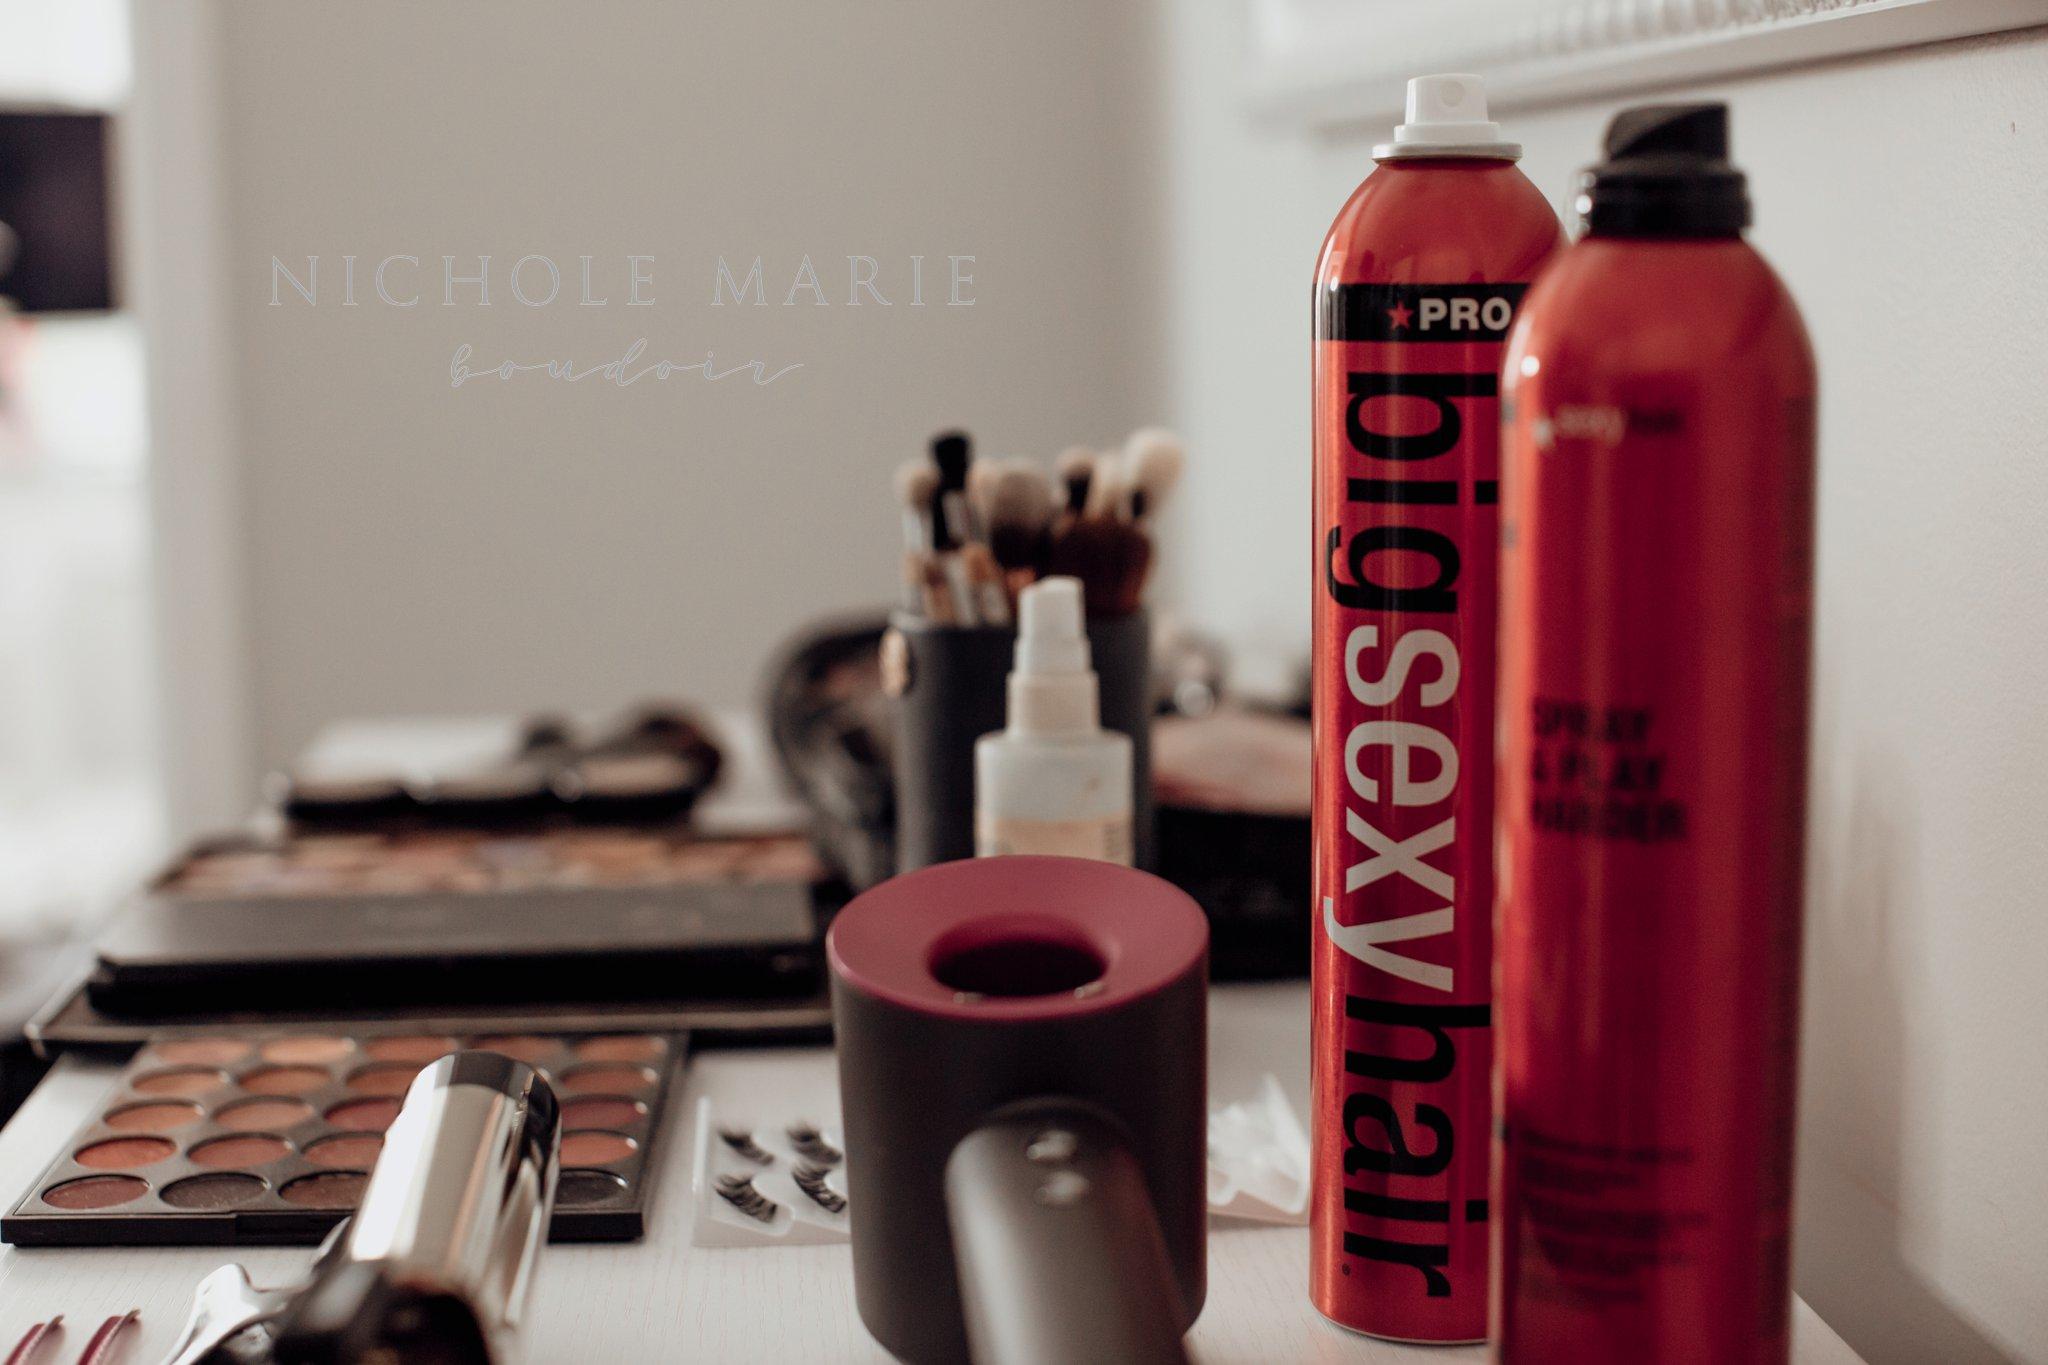 SEBASTIAN FLORIDA BOUDOIR PHOTOGRAPHER | NICHOLE MARIE BOUDOIR_0583.jpg